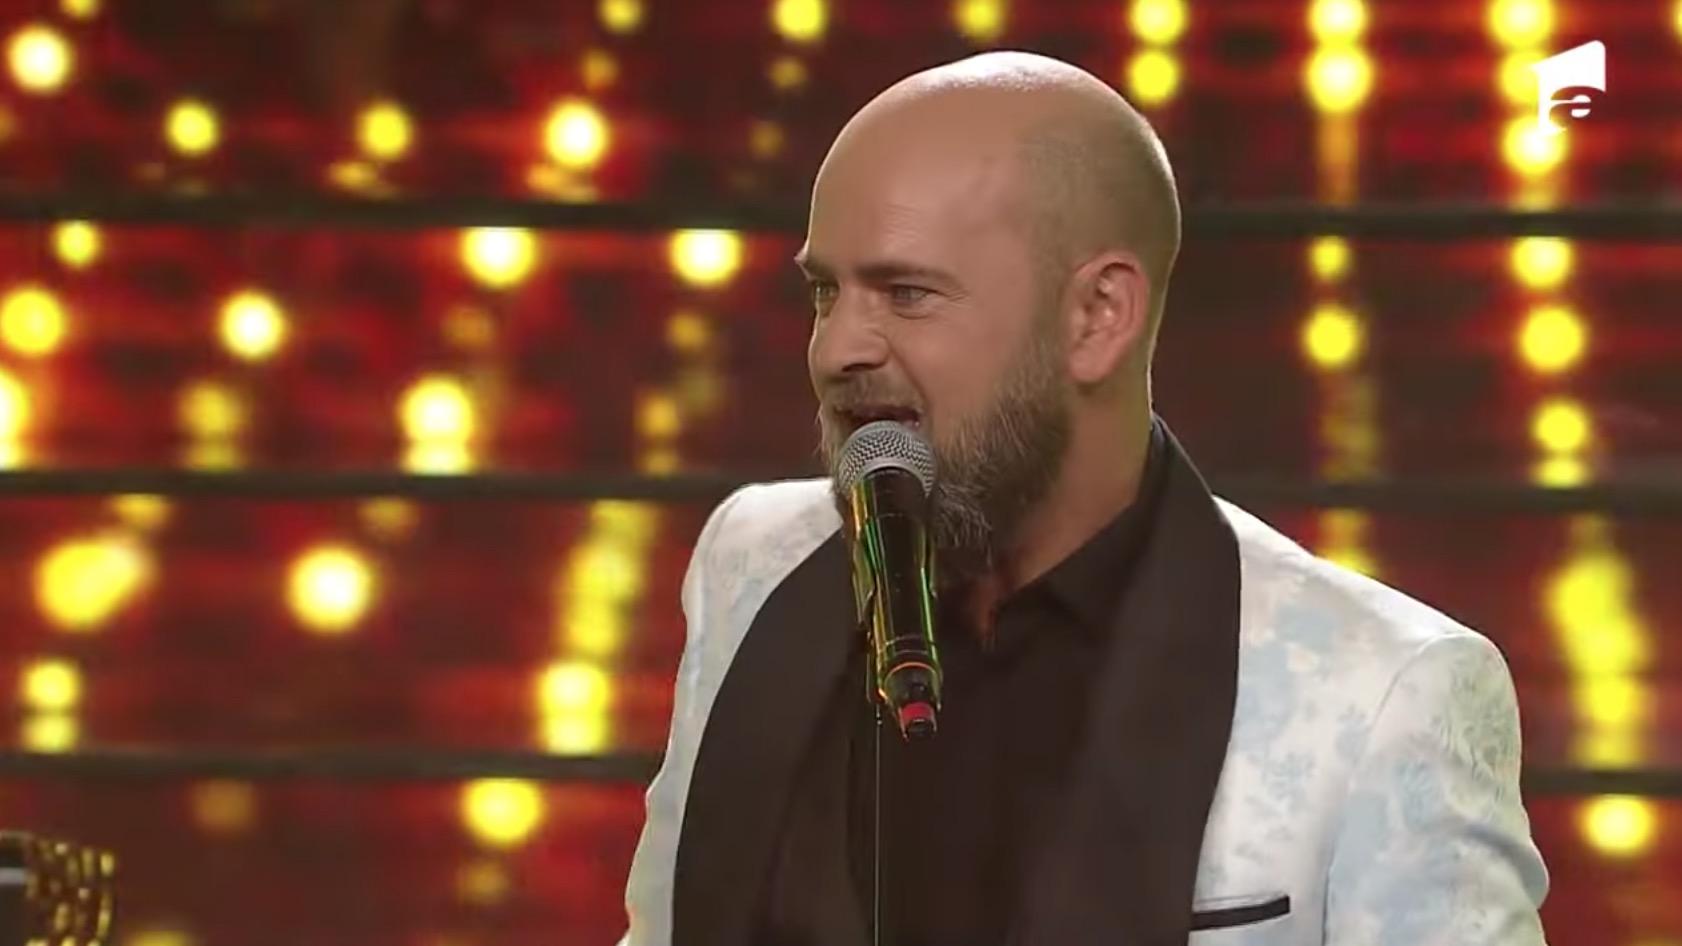 Cosmin Seleși a cântat la Te cunosc de undeva. Emilia Popescu tribut Stela Popescu